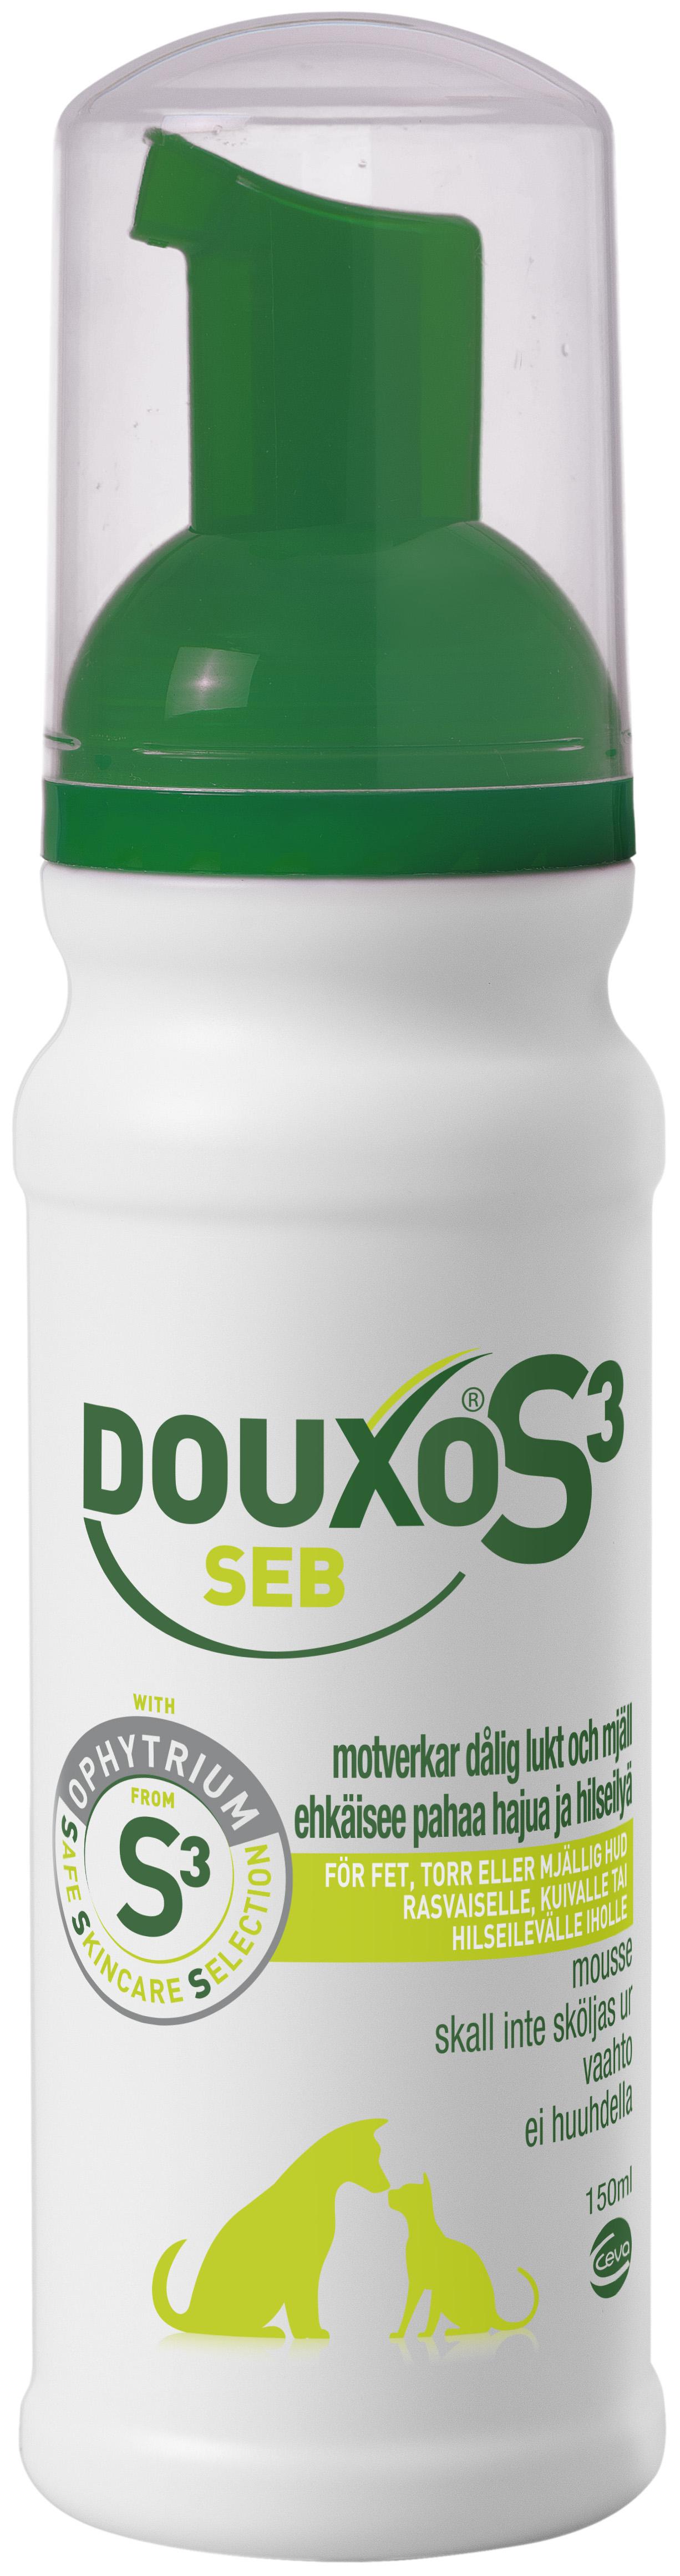 Seb Mousse